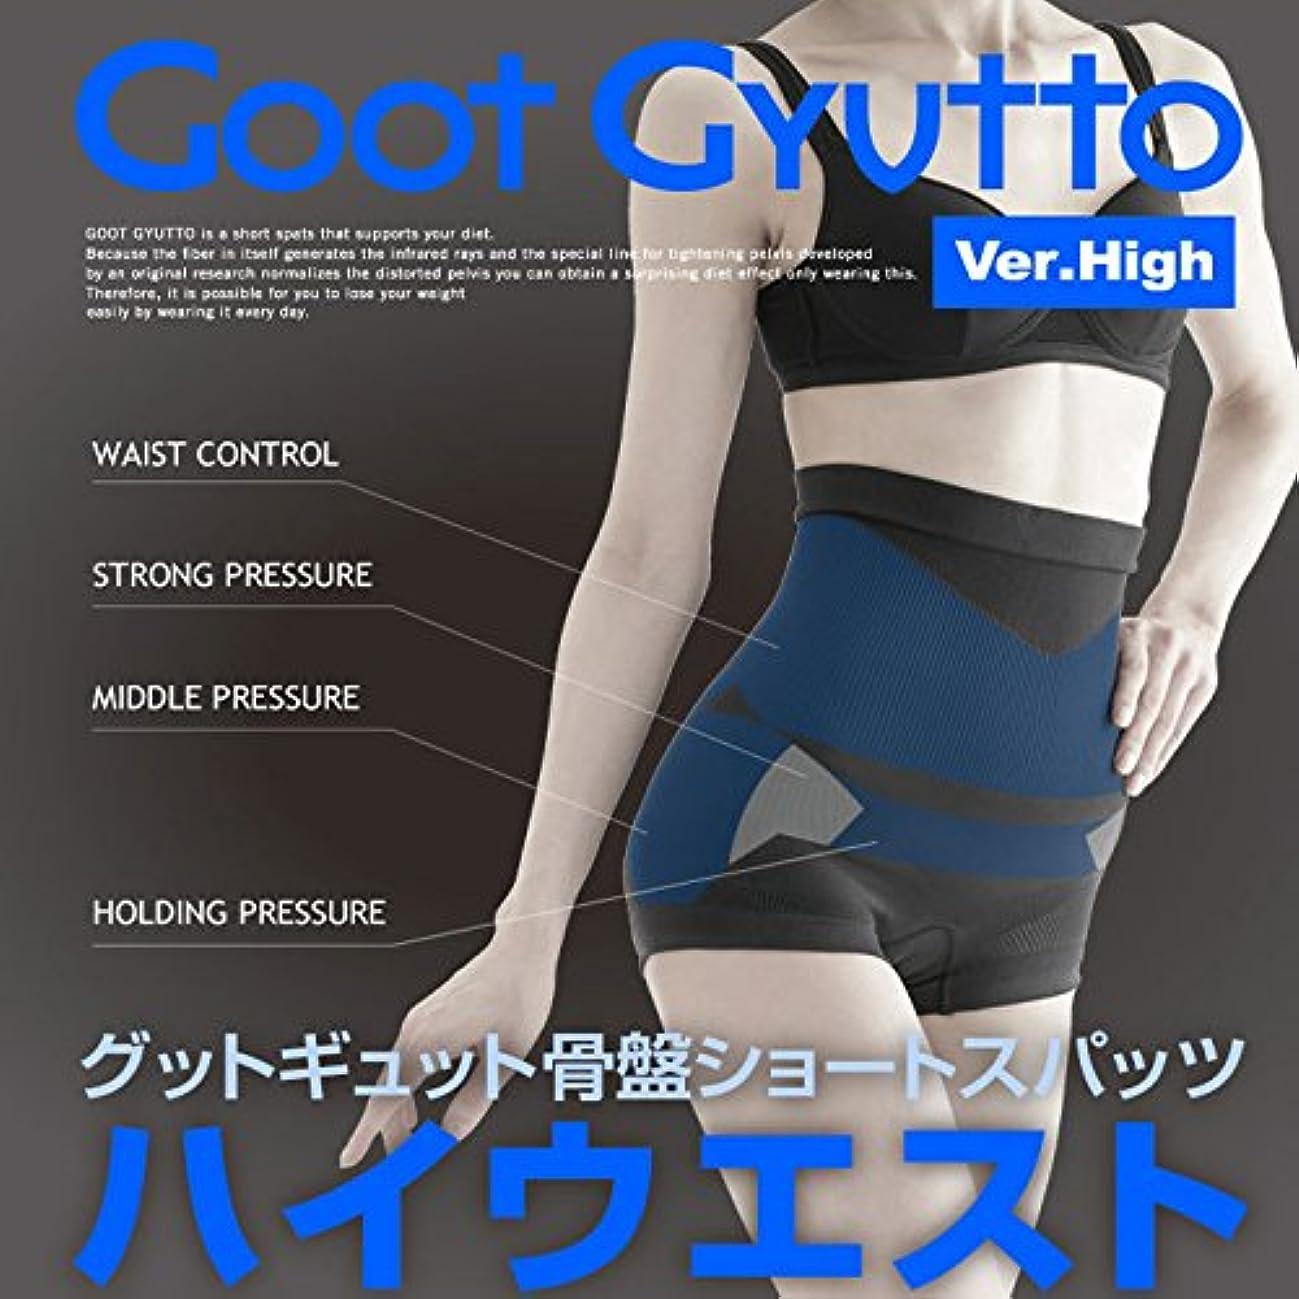 変更人工的な抱擁グットギュット 骨盤ショートスパッツ ハイウエスト M ブラック